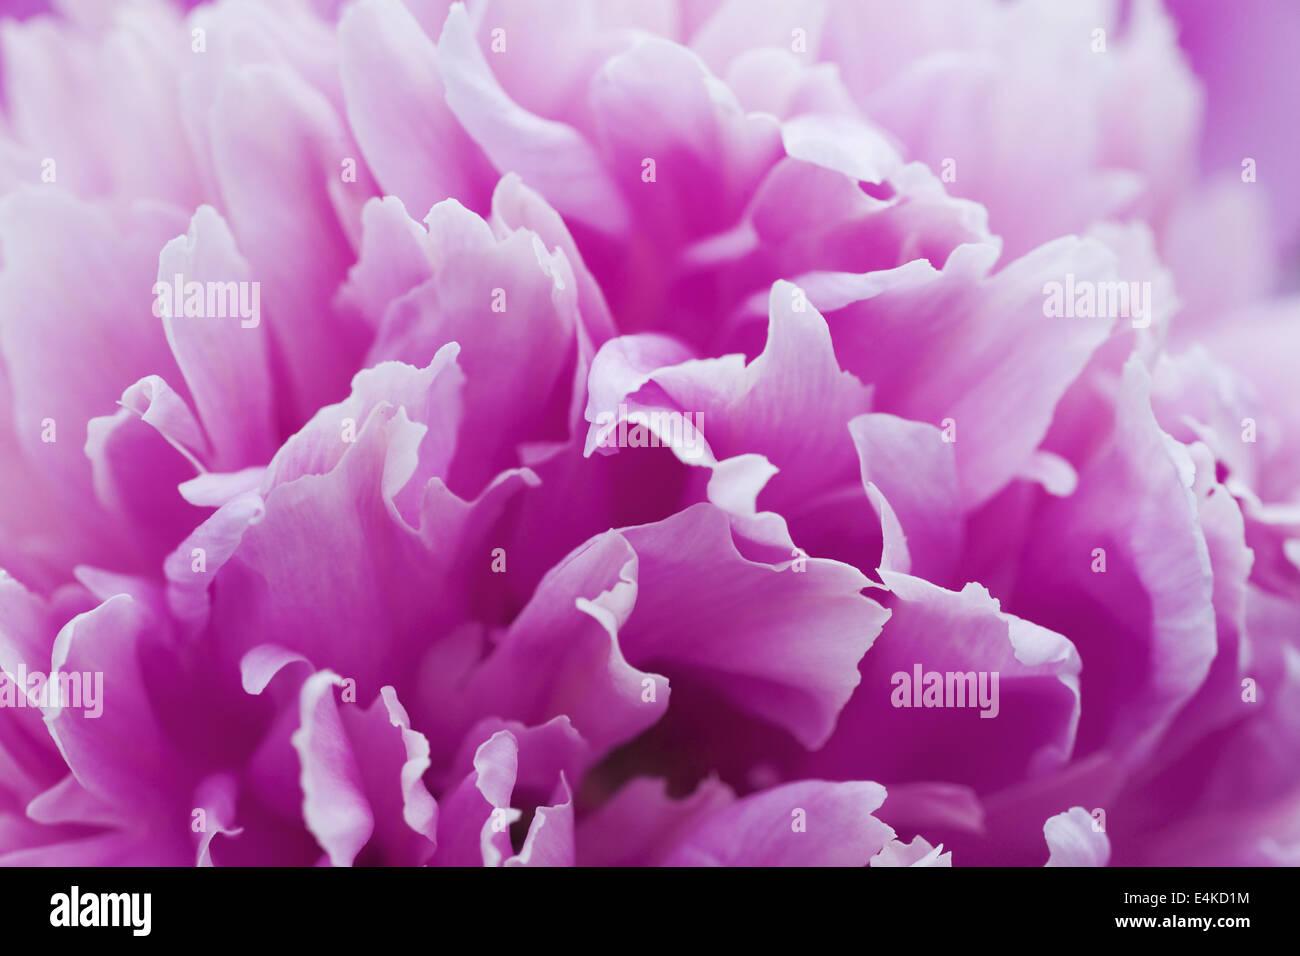 gentle purple petals of summer flower - Stock Image